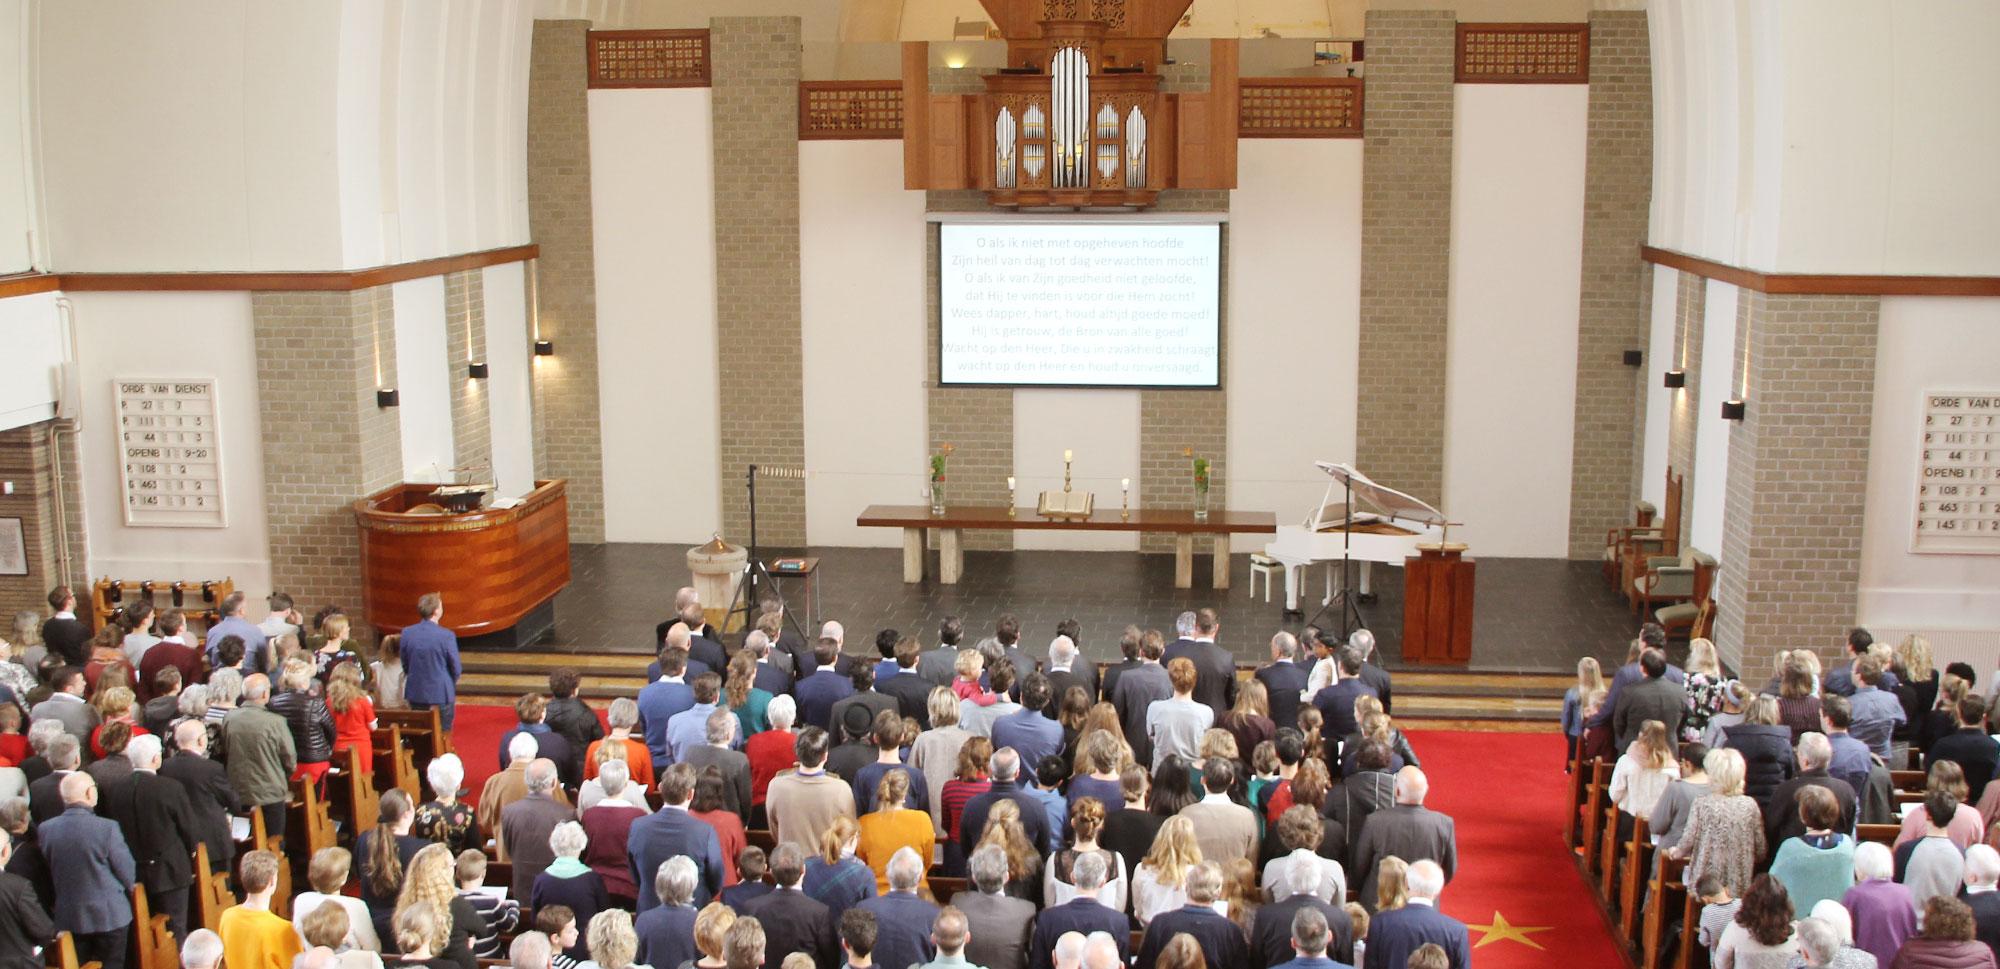 Kerkdienst Den Haag